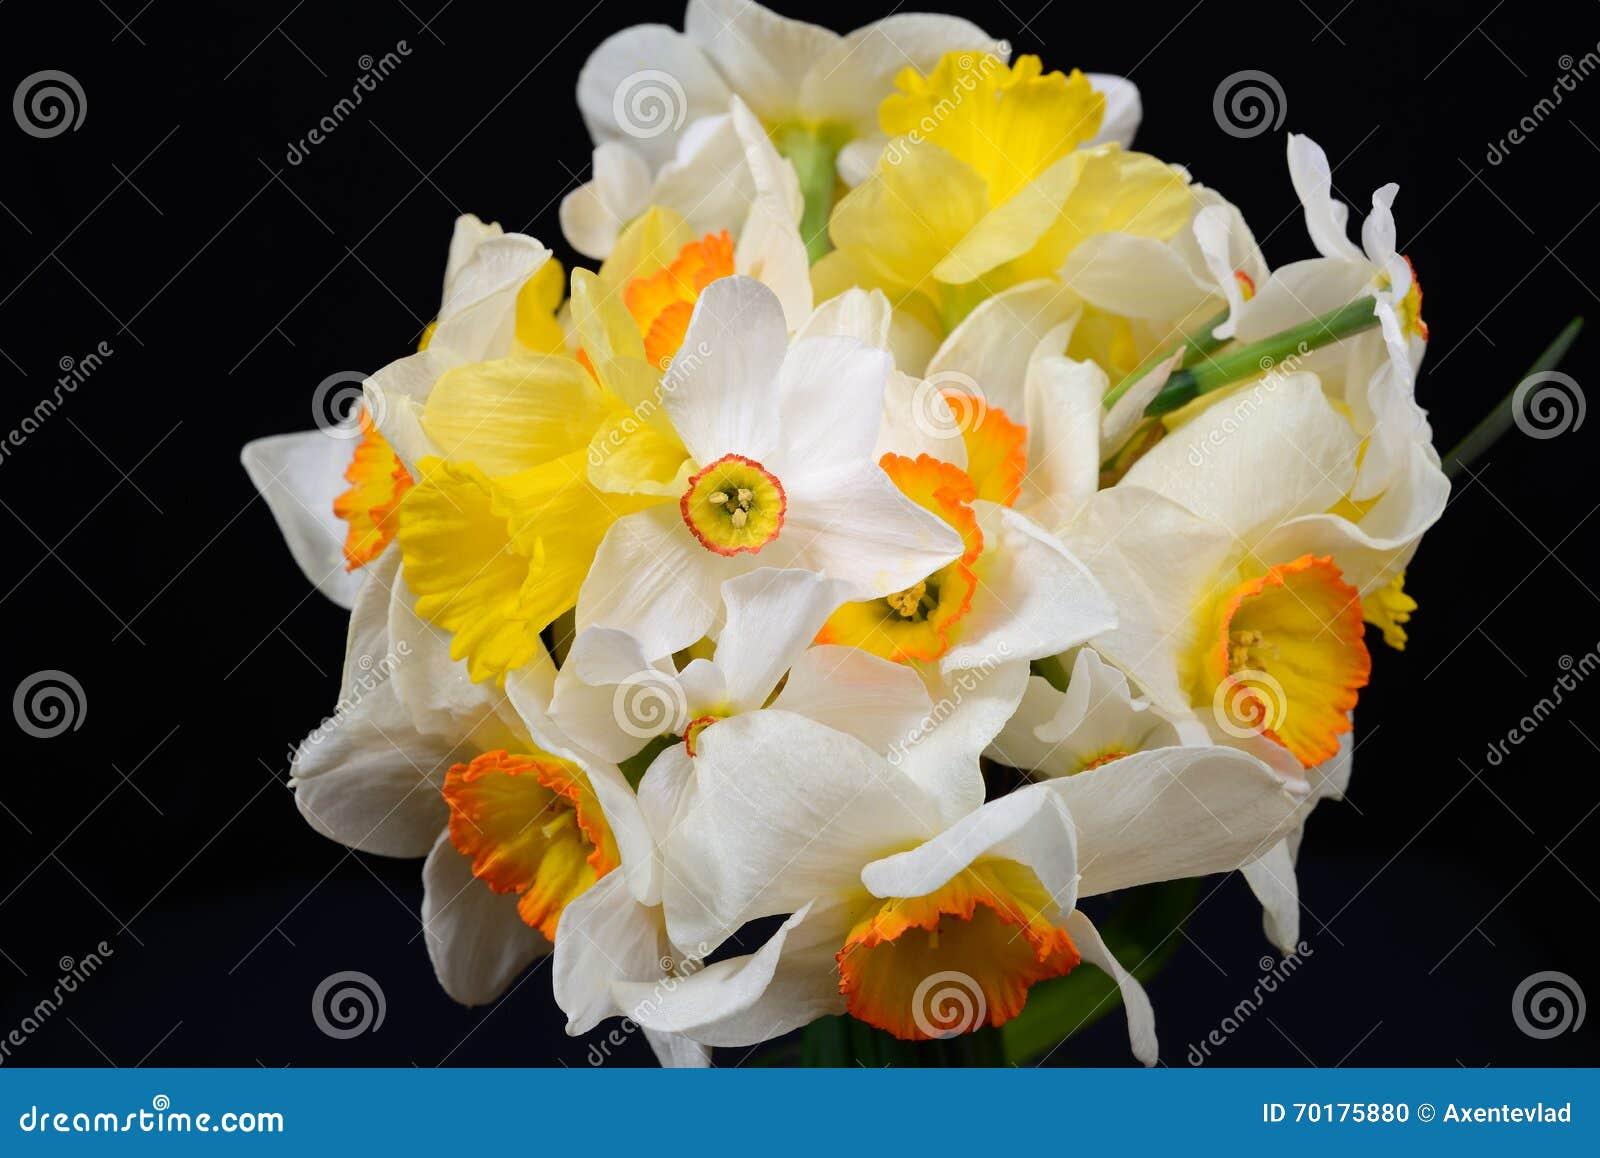 Härlig bukett av gula och vita påskliljor, stark kontrast